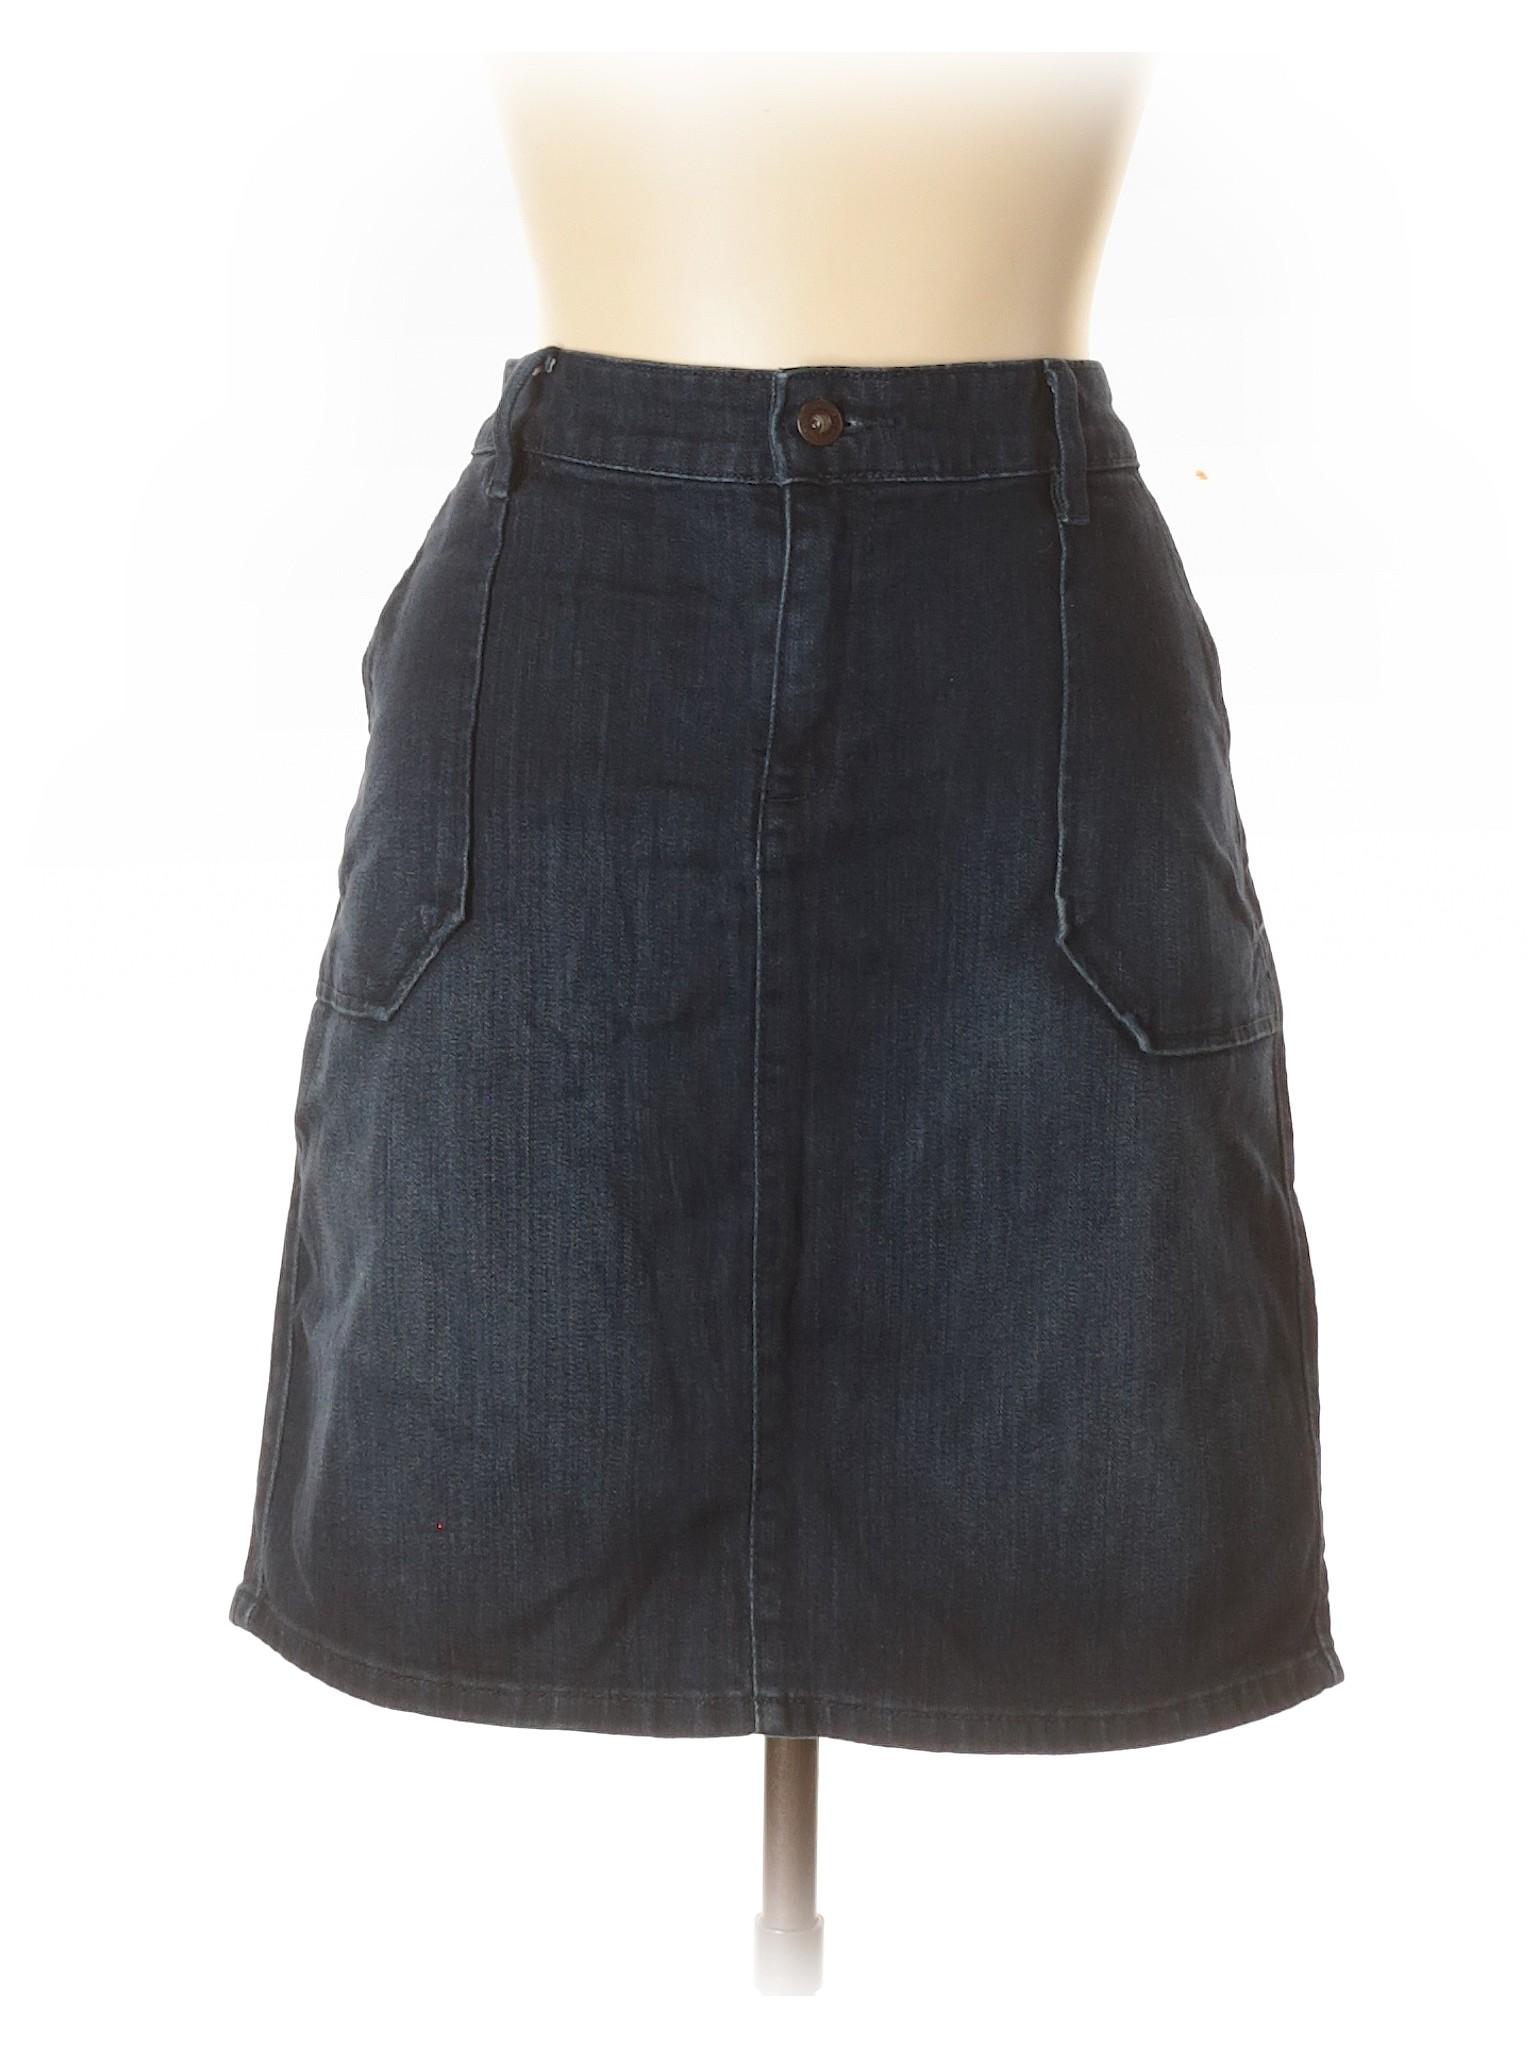 Boutique Skirt Skirt Denim Denim Boutique Boutique 8xSzFq